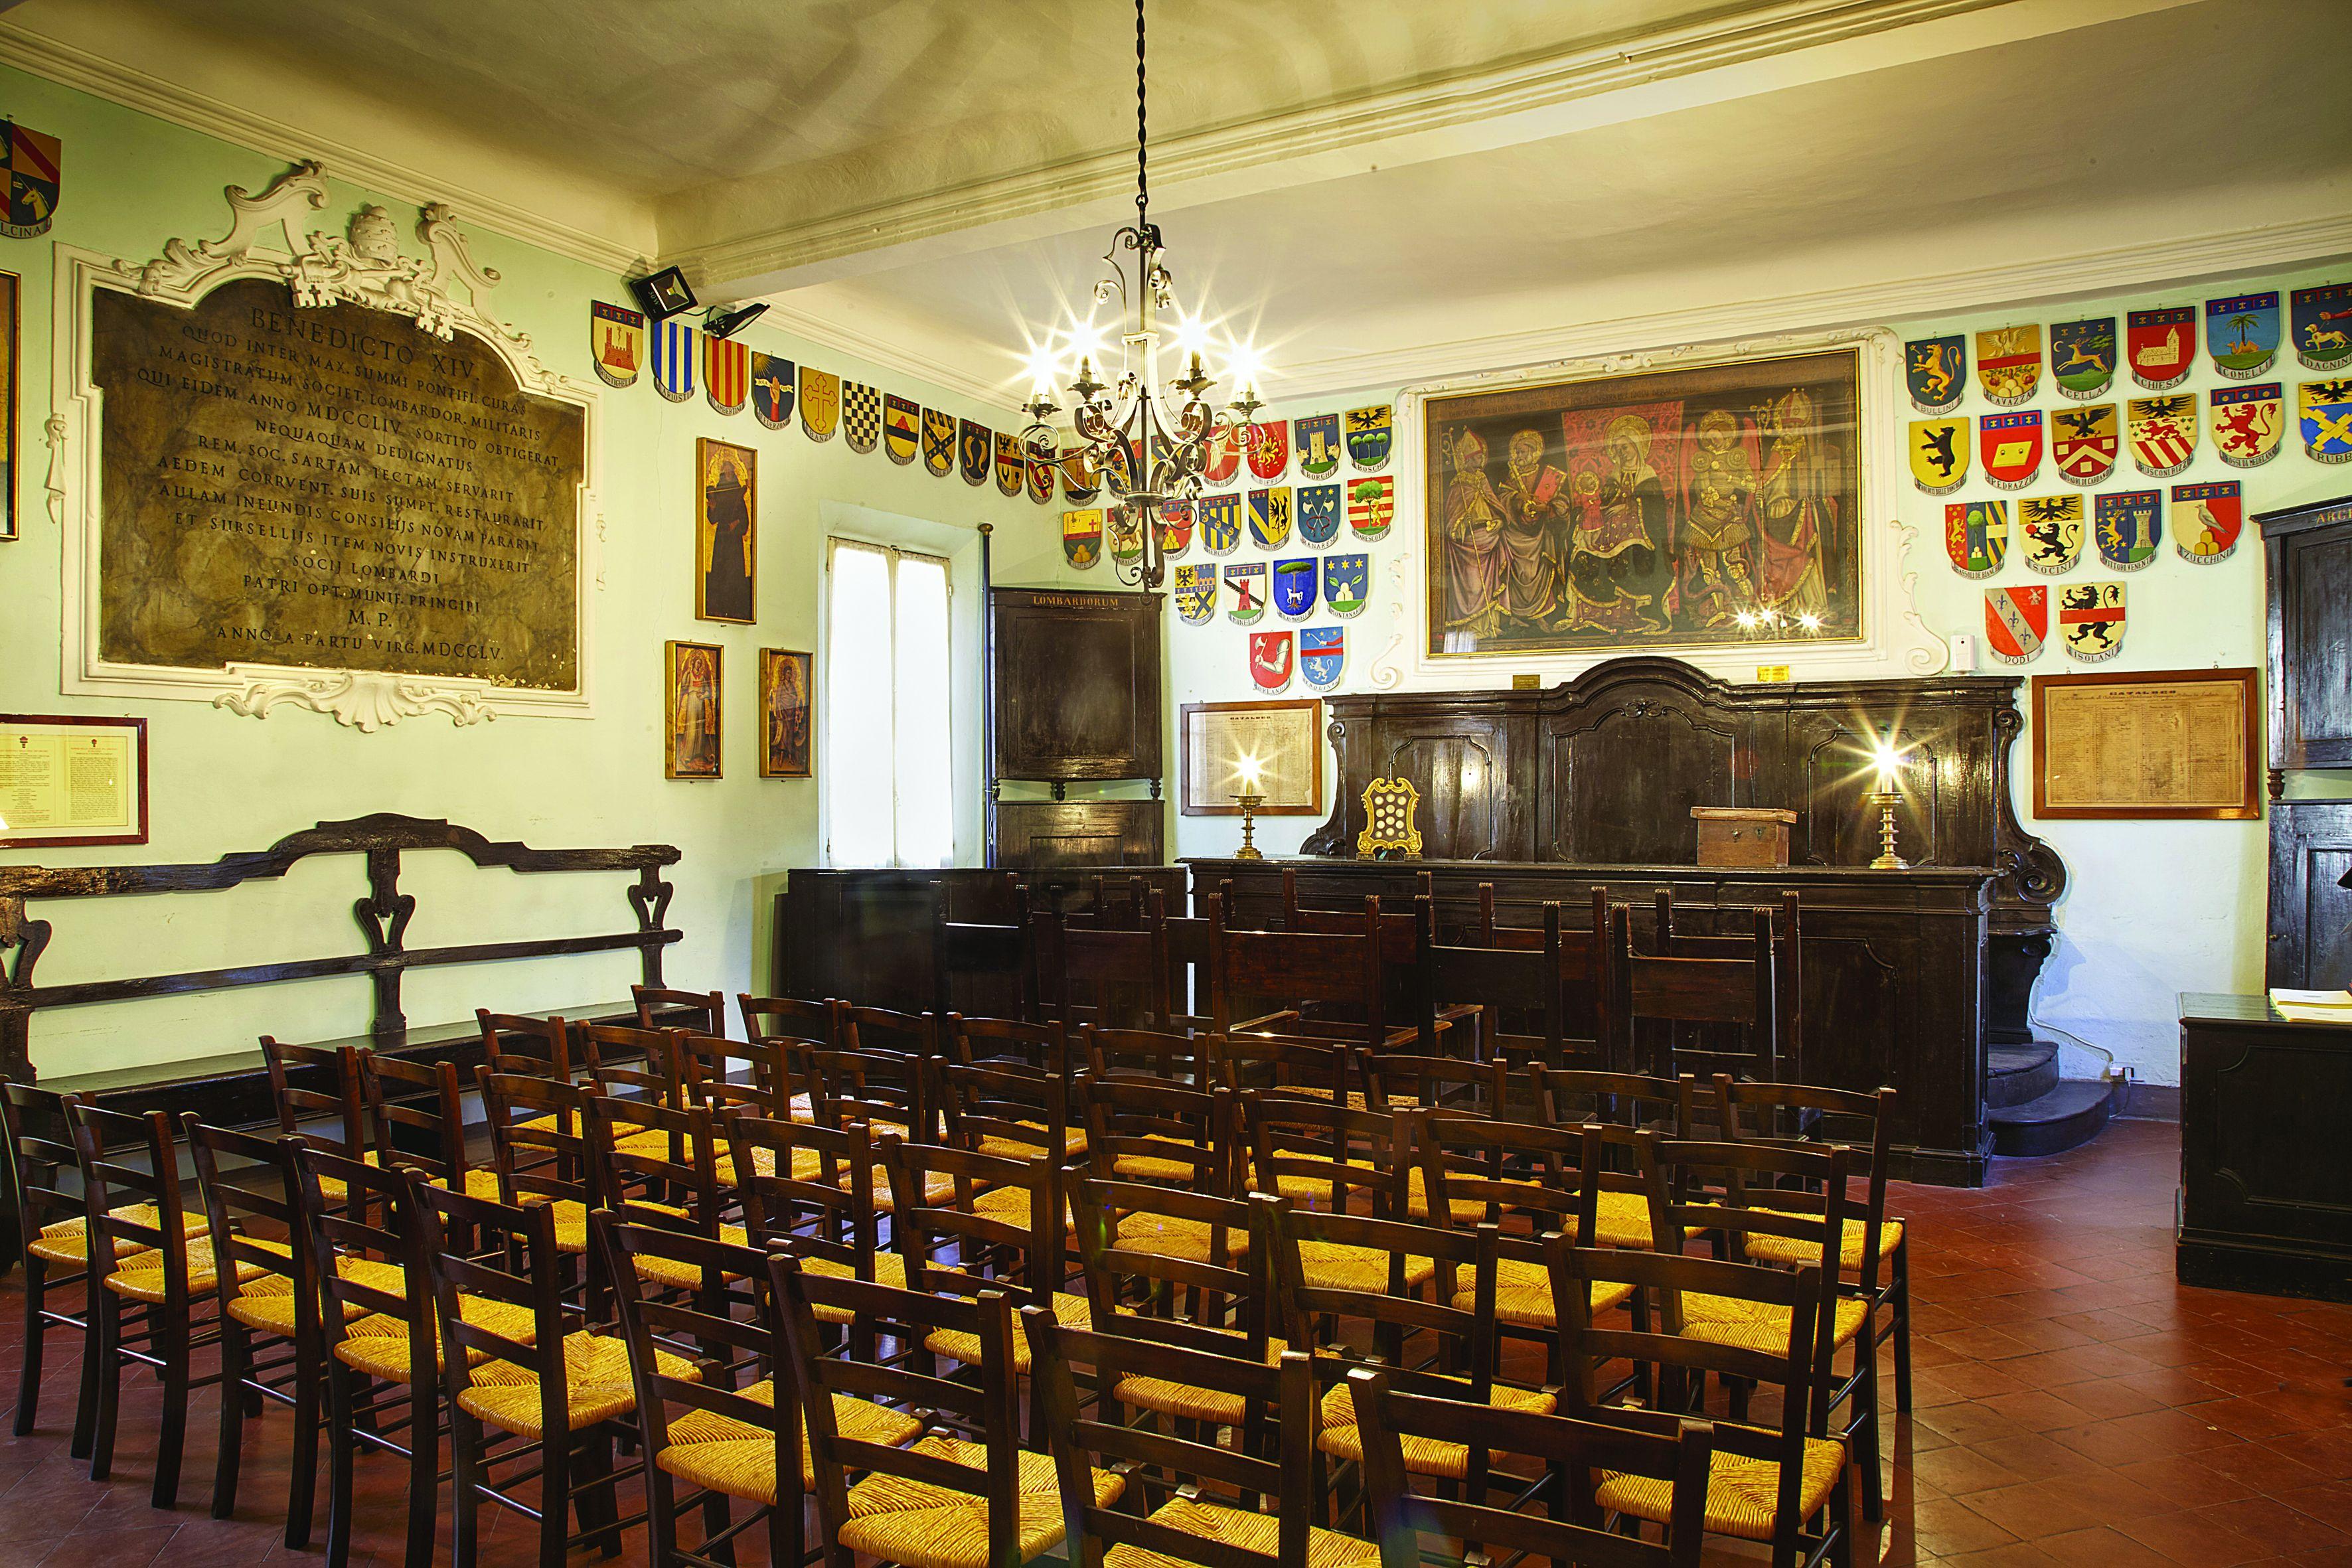 Un passato presente. L'antica compagnia dei Lombardi a Bologna. A cura di Massimo Medica e Silvia Battistini